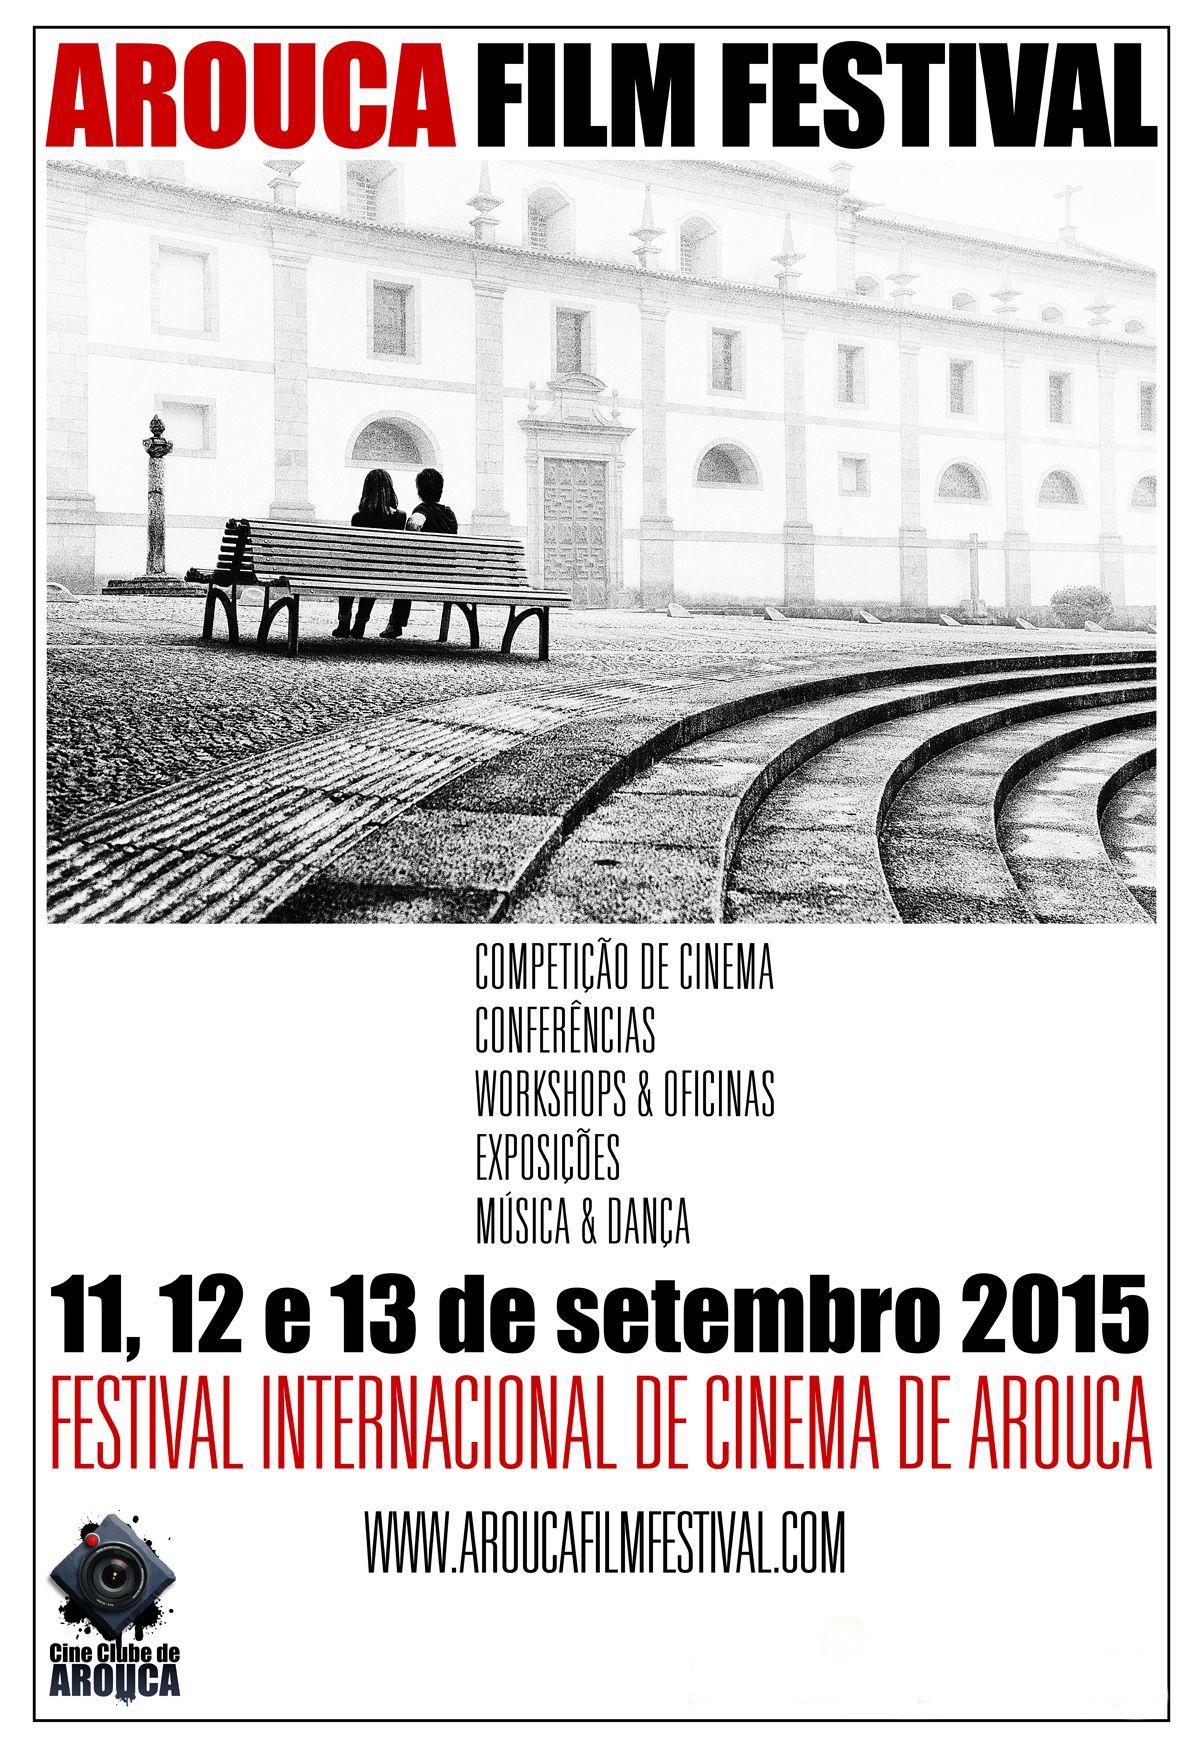 Arouca Film Festival 2015_2